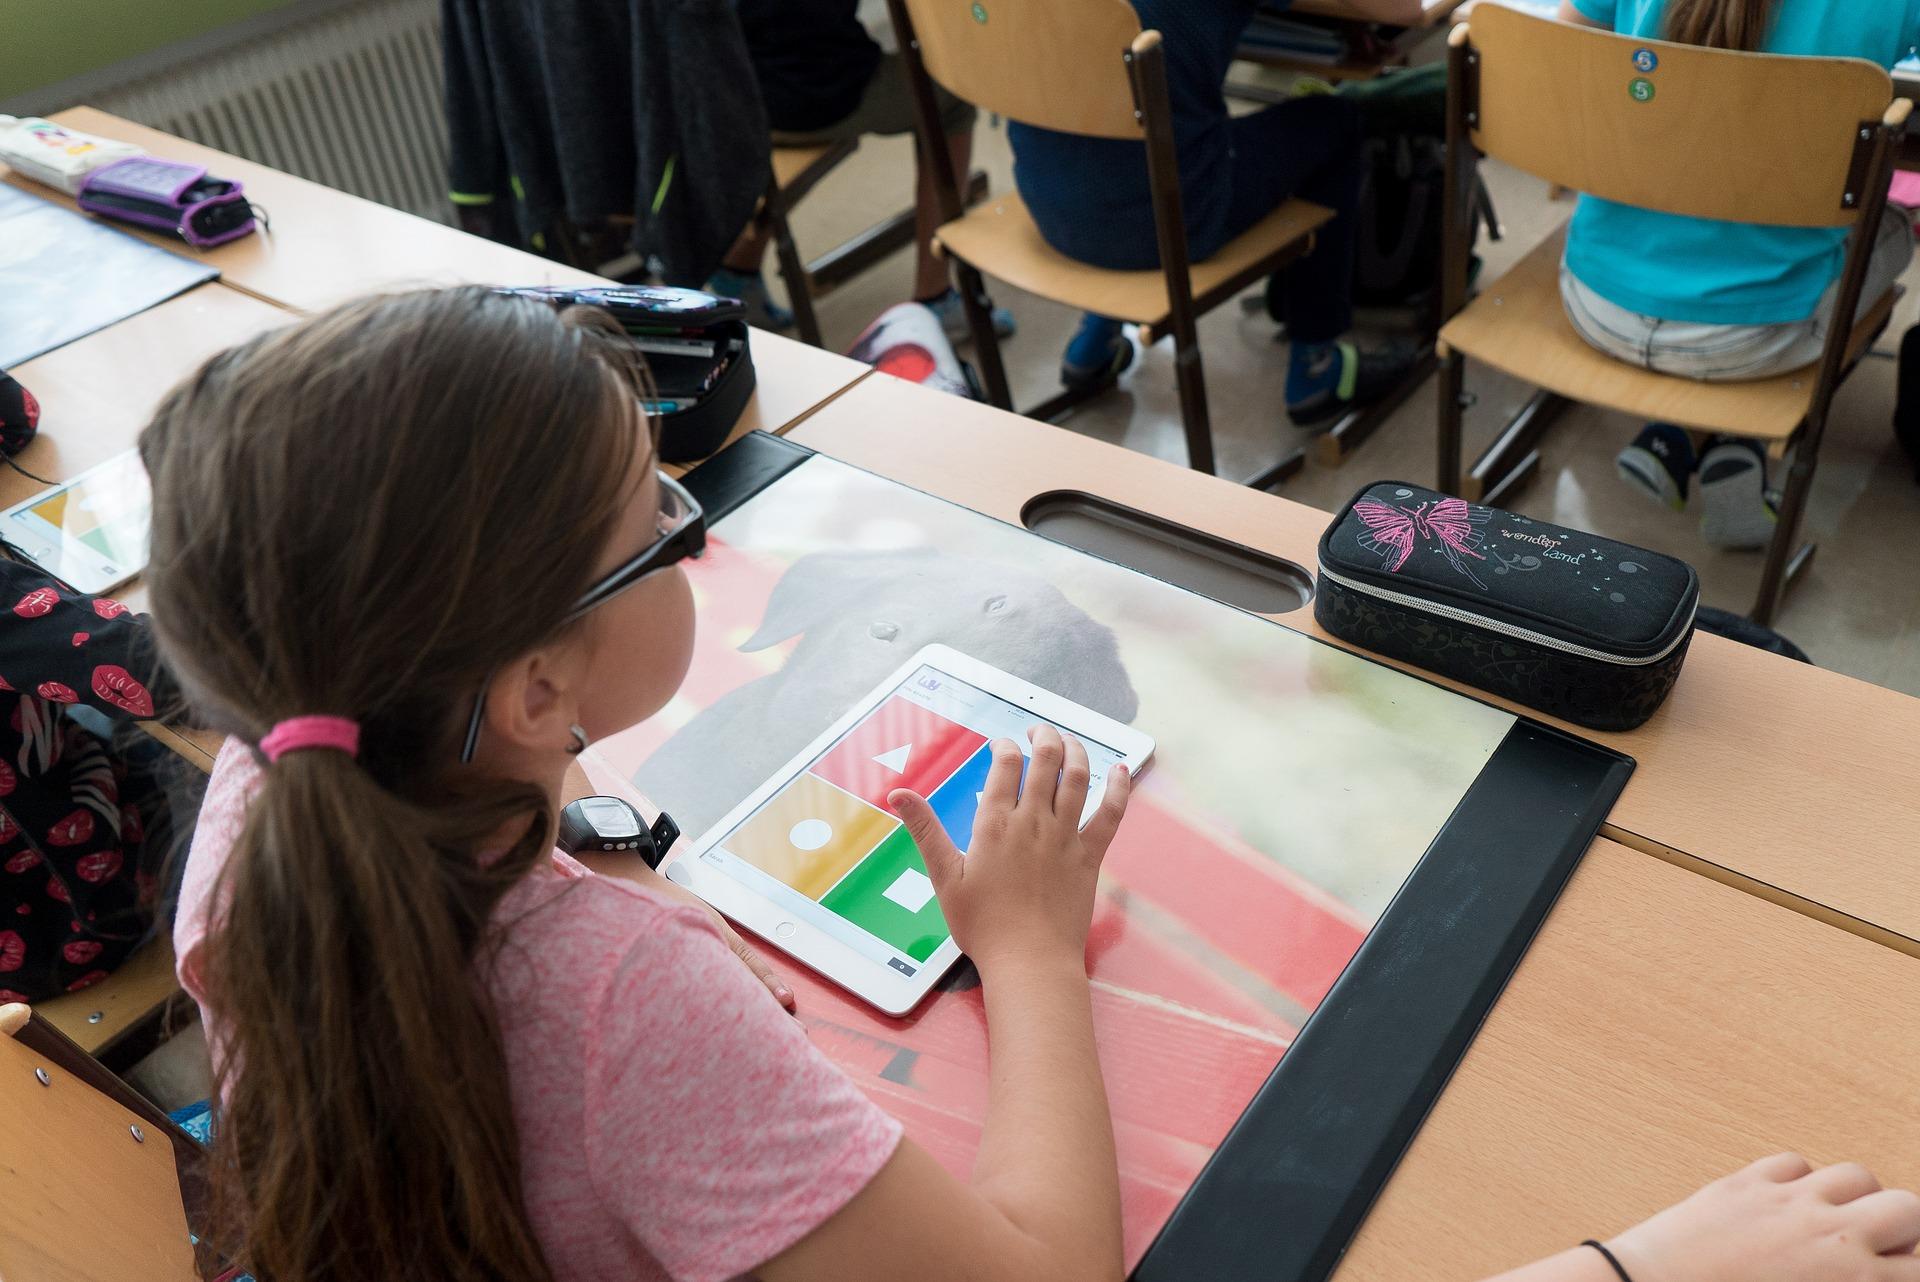 El Síndic de Greuges demana llibres de text accessibles per a alumnes amb discapacitat visual greu